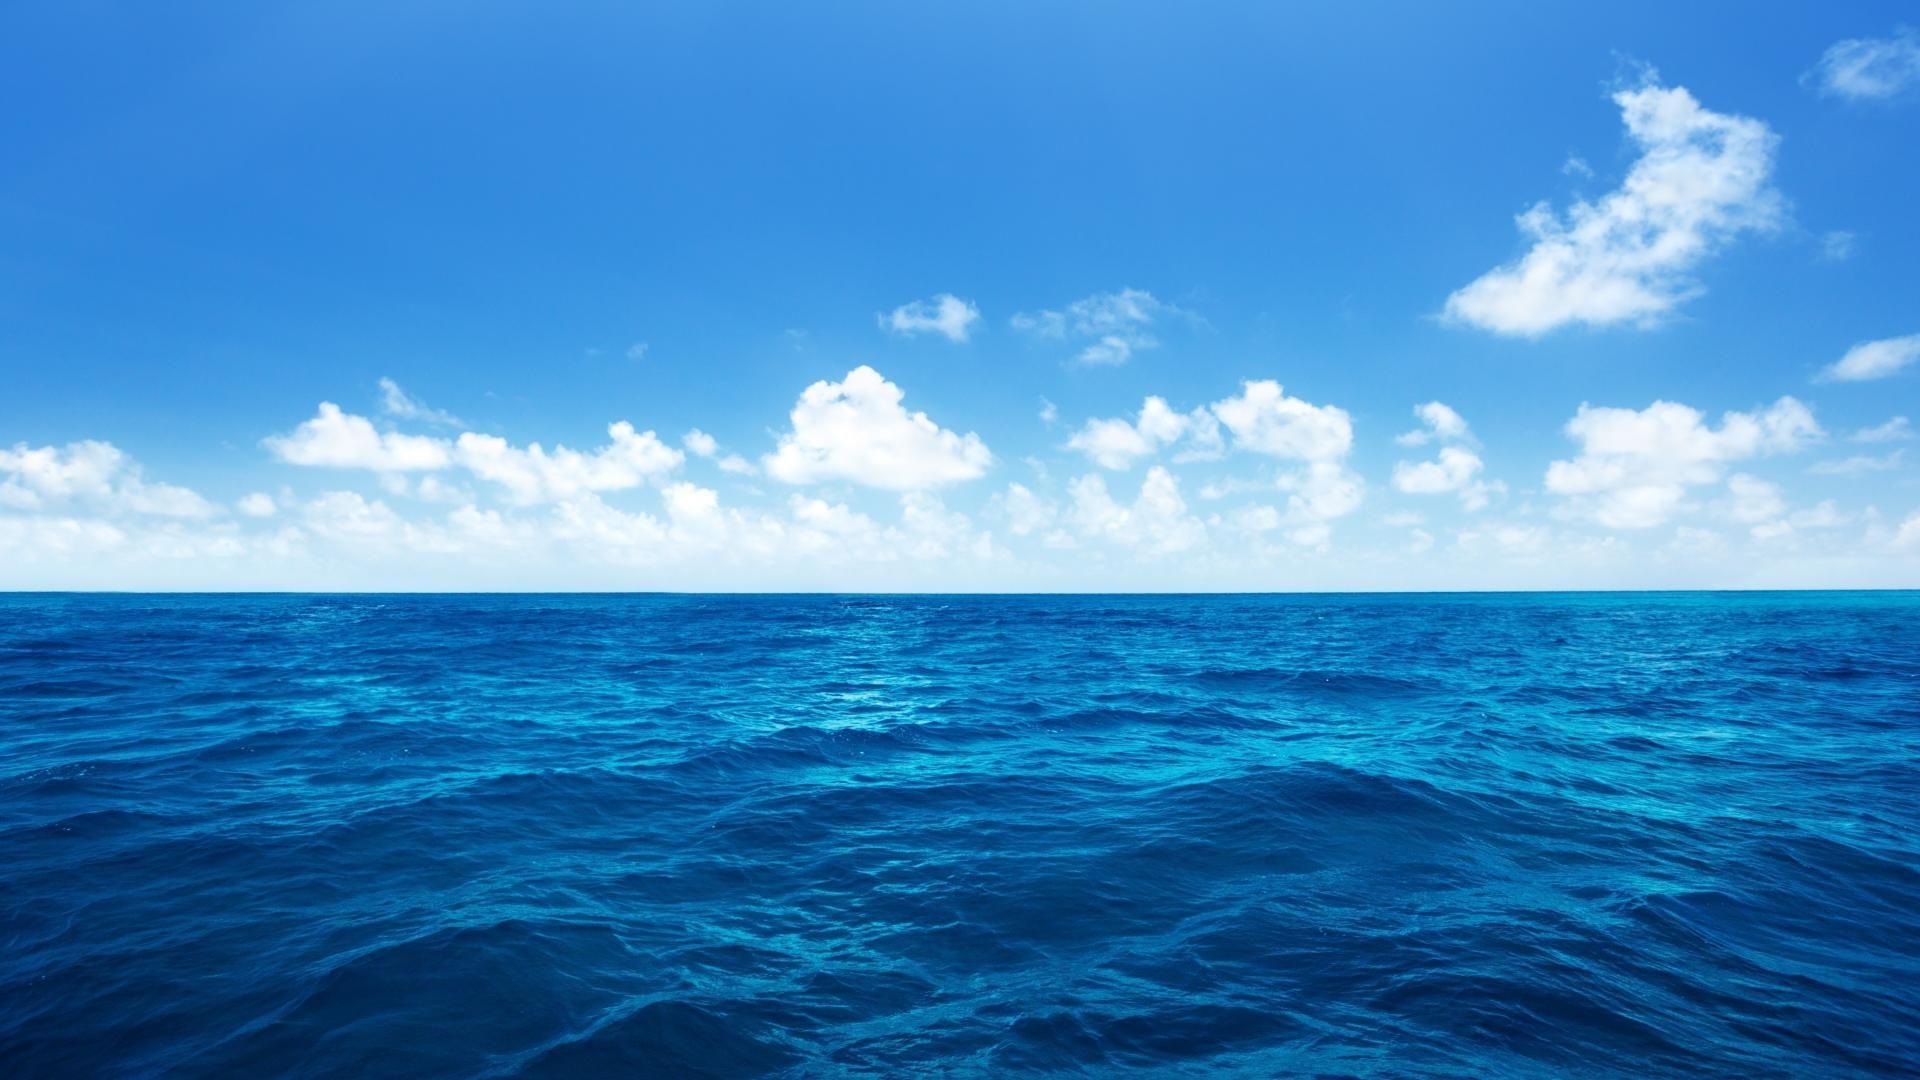 desktop backgrounds ocean hd wallpapers pinterest